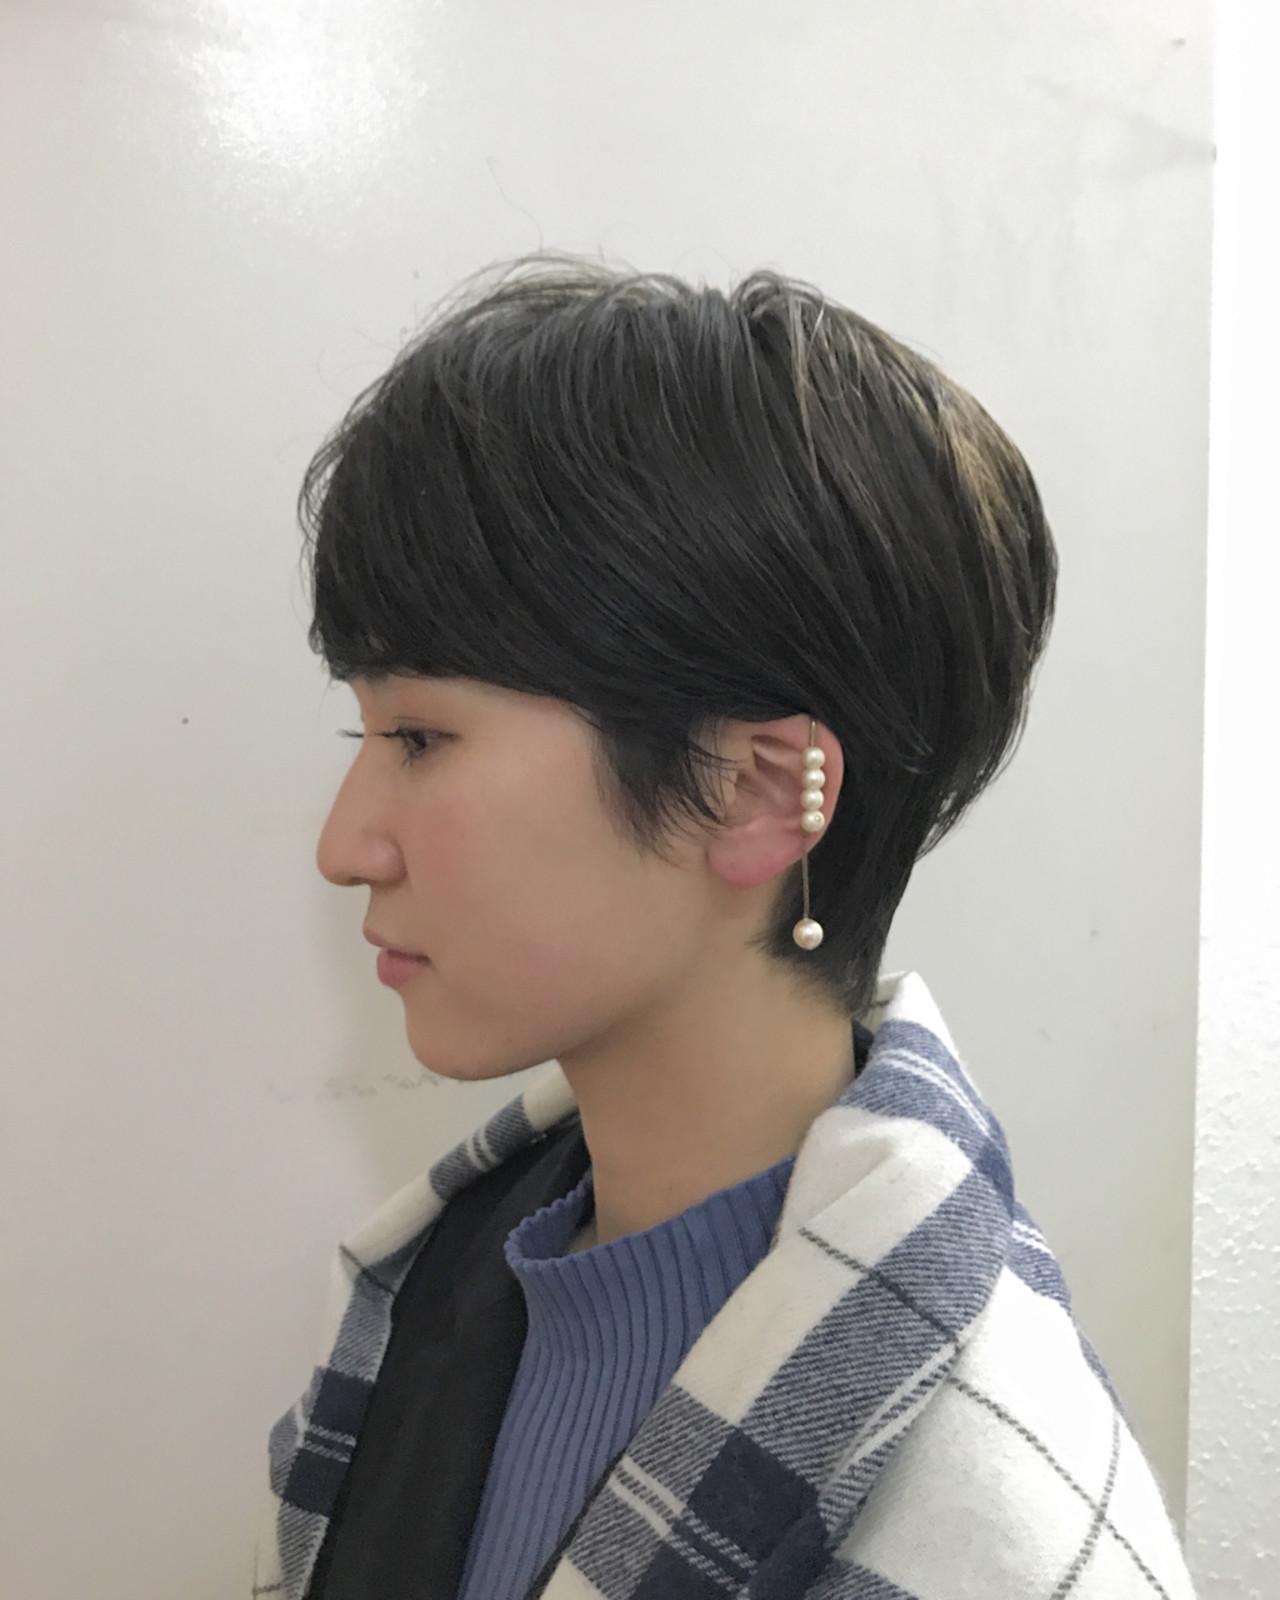 耳かけすっきりシルエットで大人っぽく 津崎 伸二 / nanuk